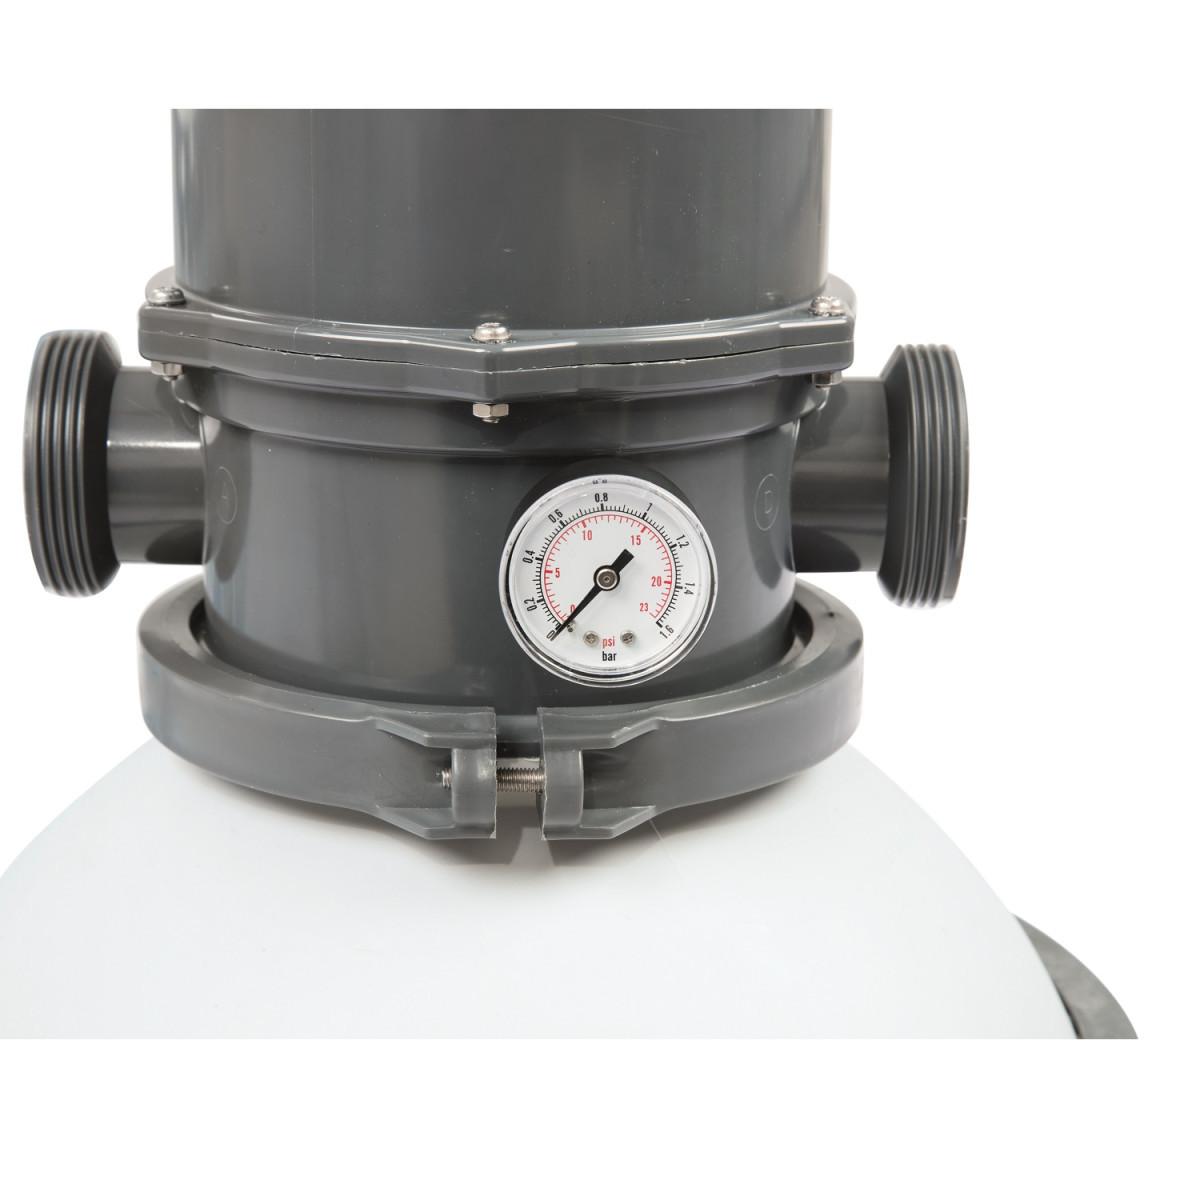 58515 Фильтр-насос для бассейна Bestway, песчаный 2006 л/ч